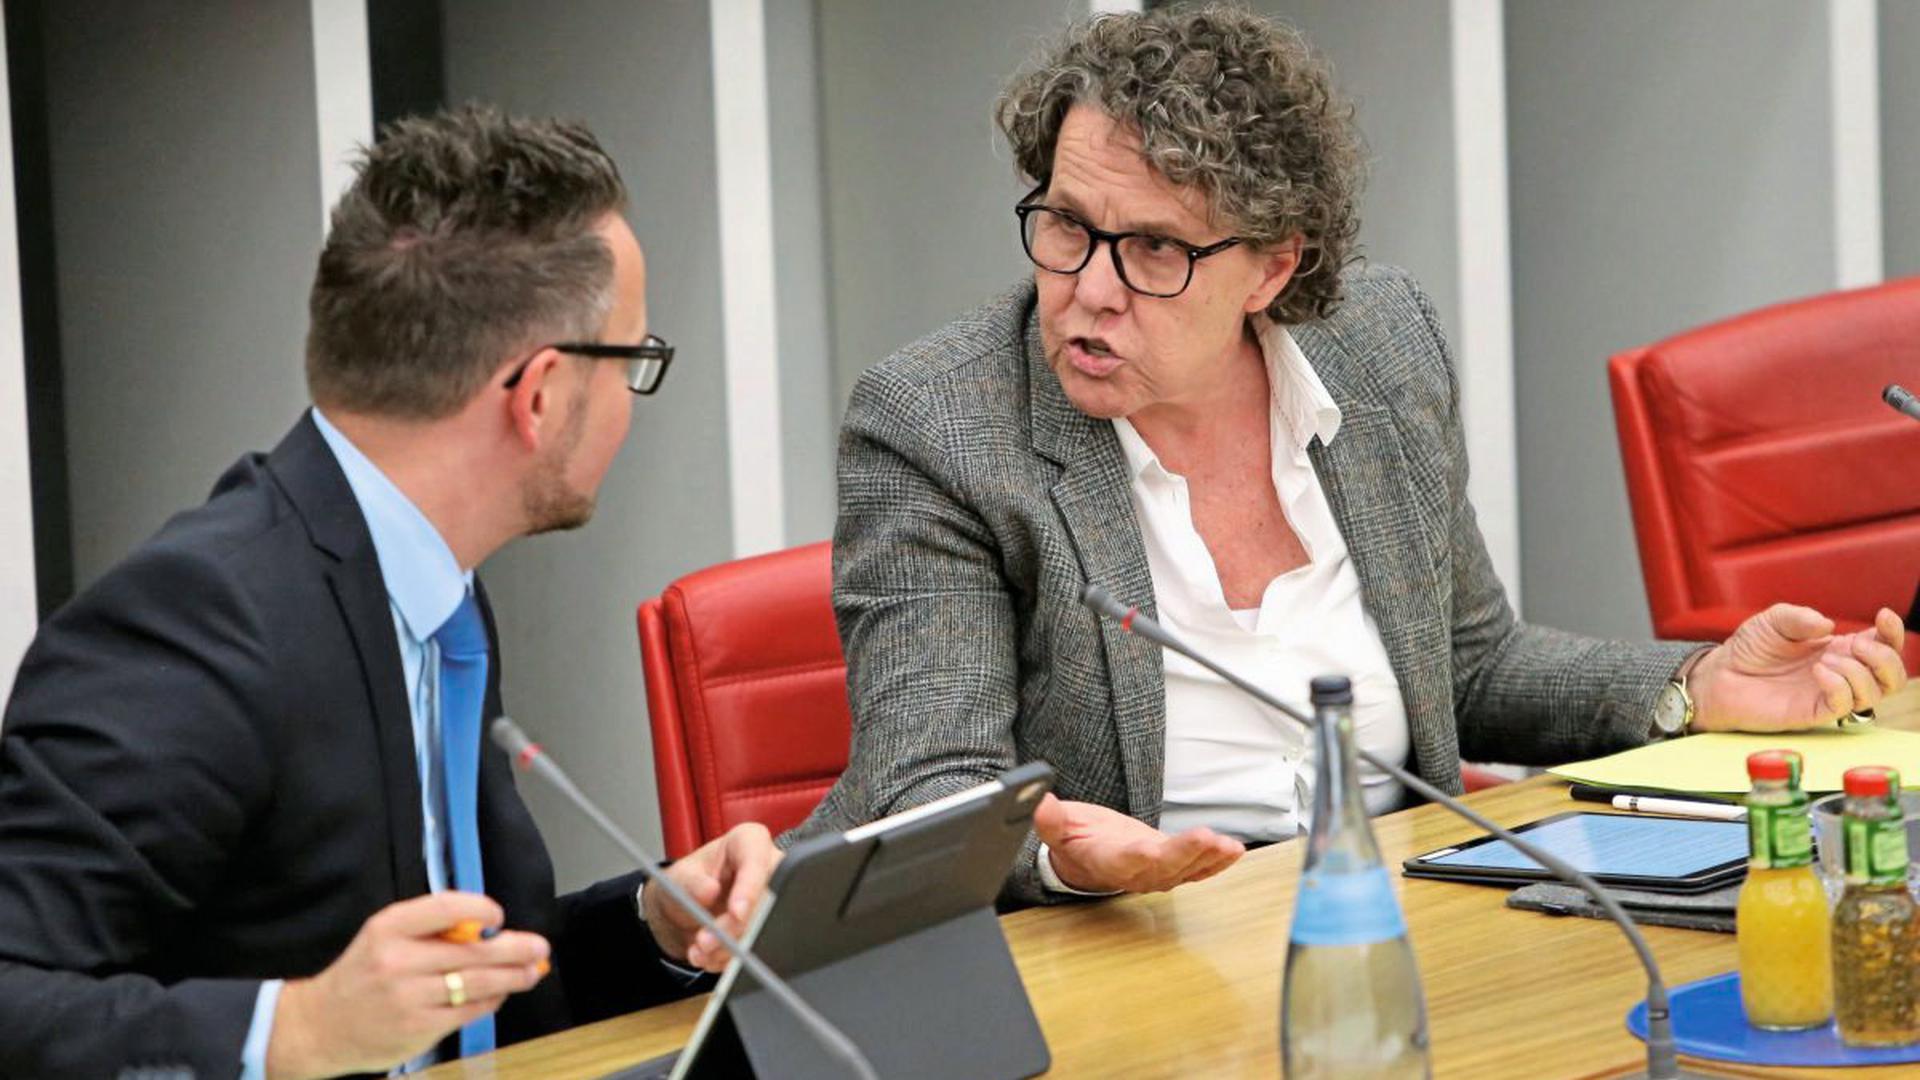 Oberbürgermeister Peter Boch (CDU) und Umweltbürgermeisterin Sibylle Schüssler (Grüne) sind am Dienstag im Pforzheimer Ratssaal aneinander geraten.